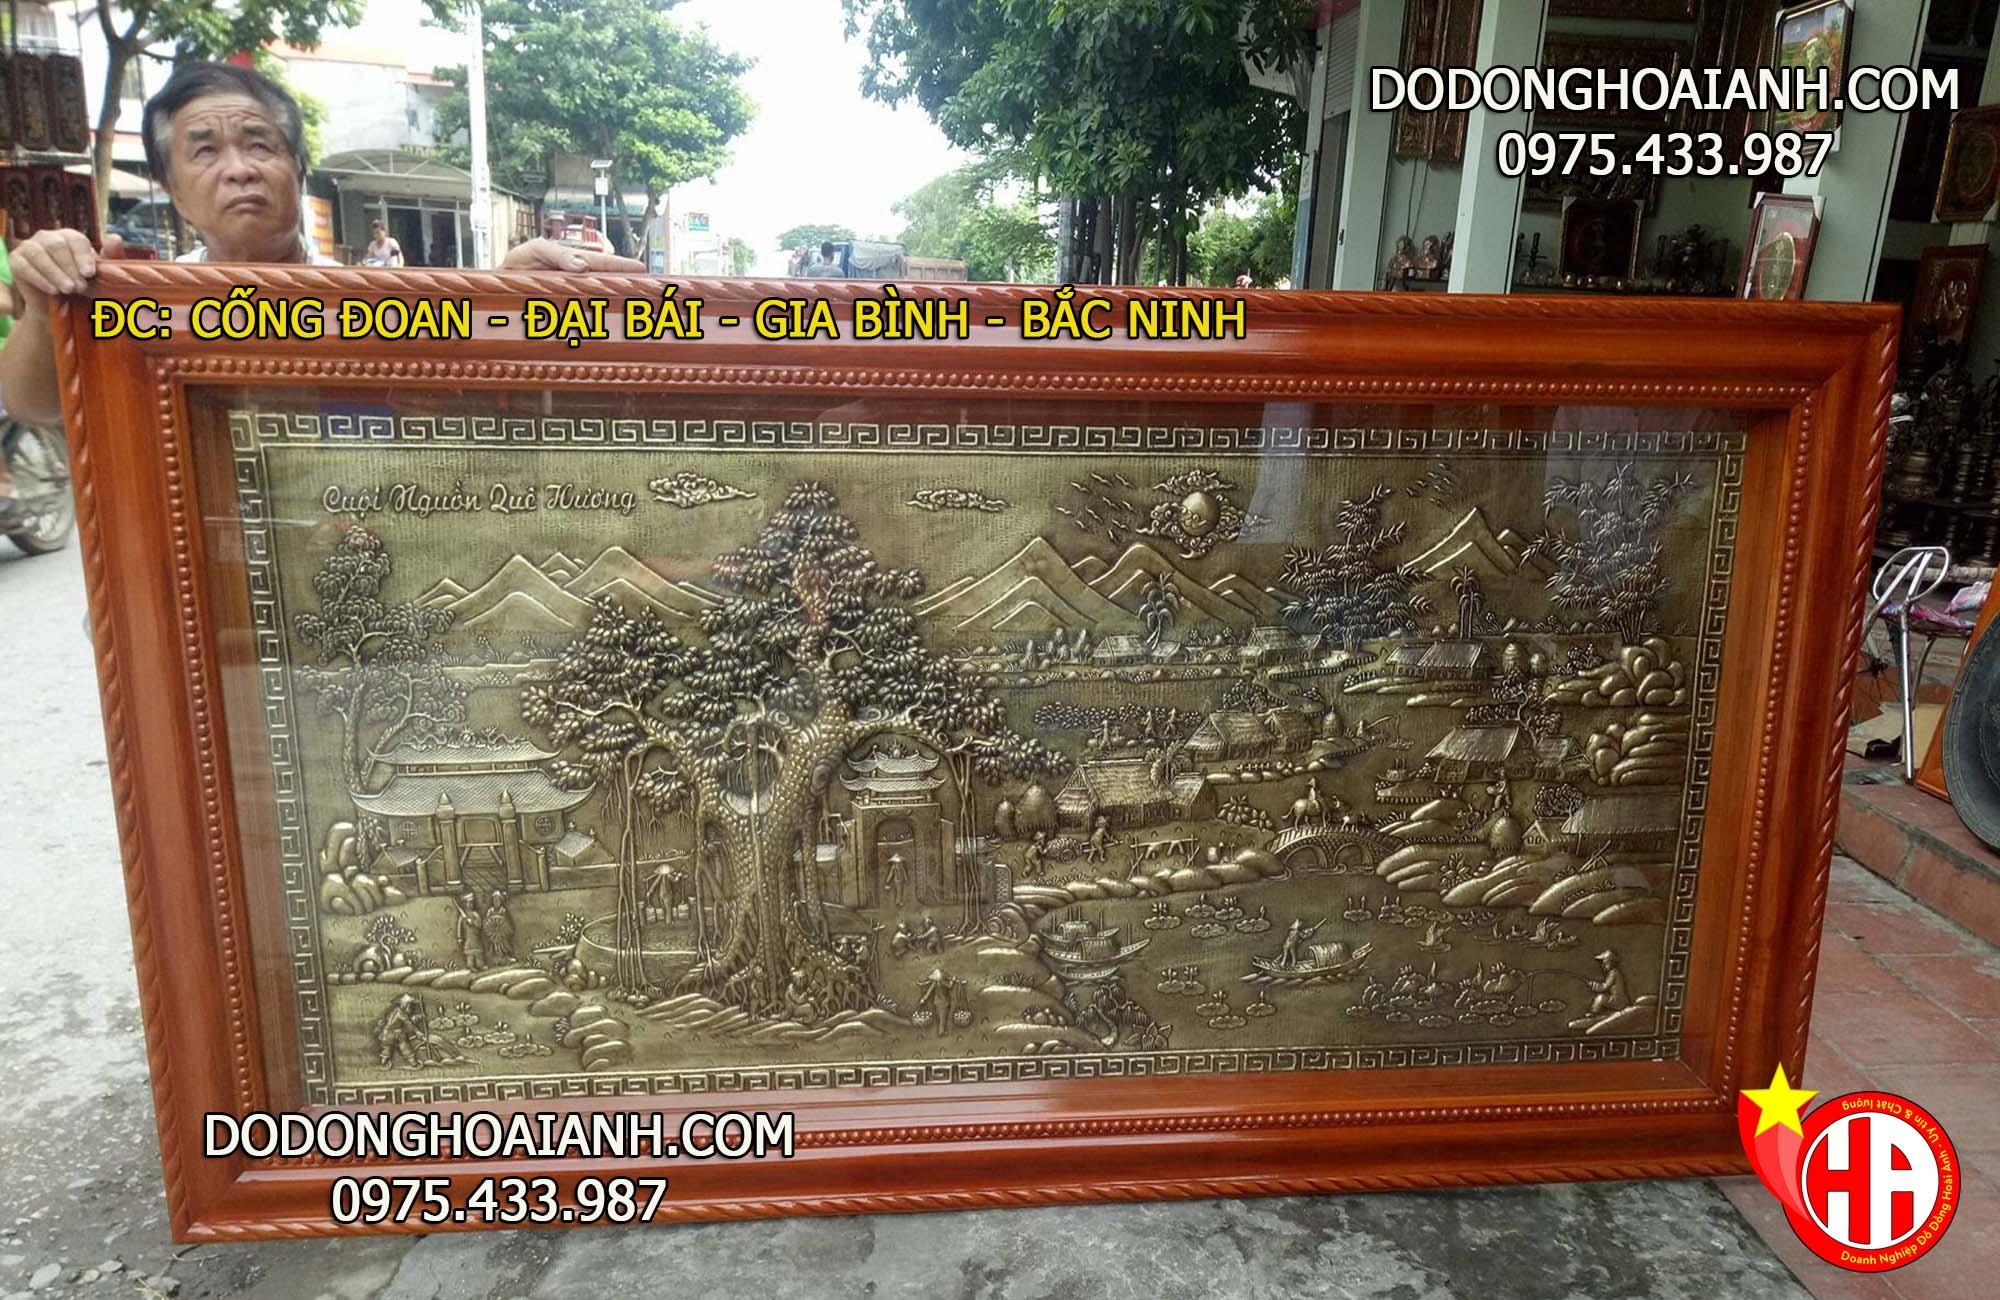 Tranh đồng quê Việt Nam - đồ đồng Hoài Ánh